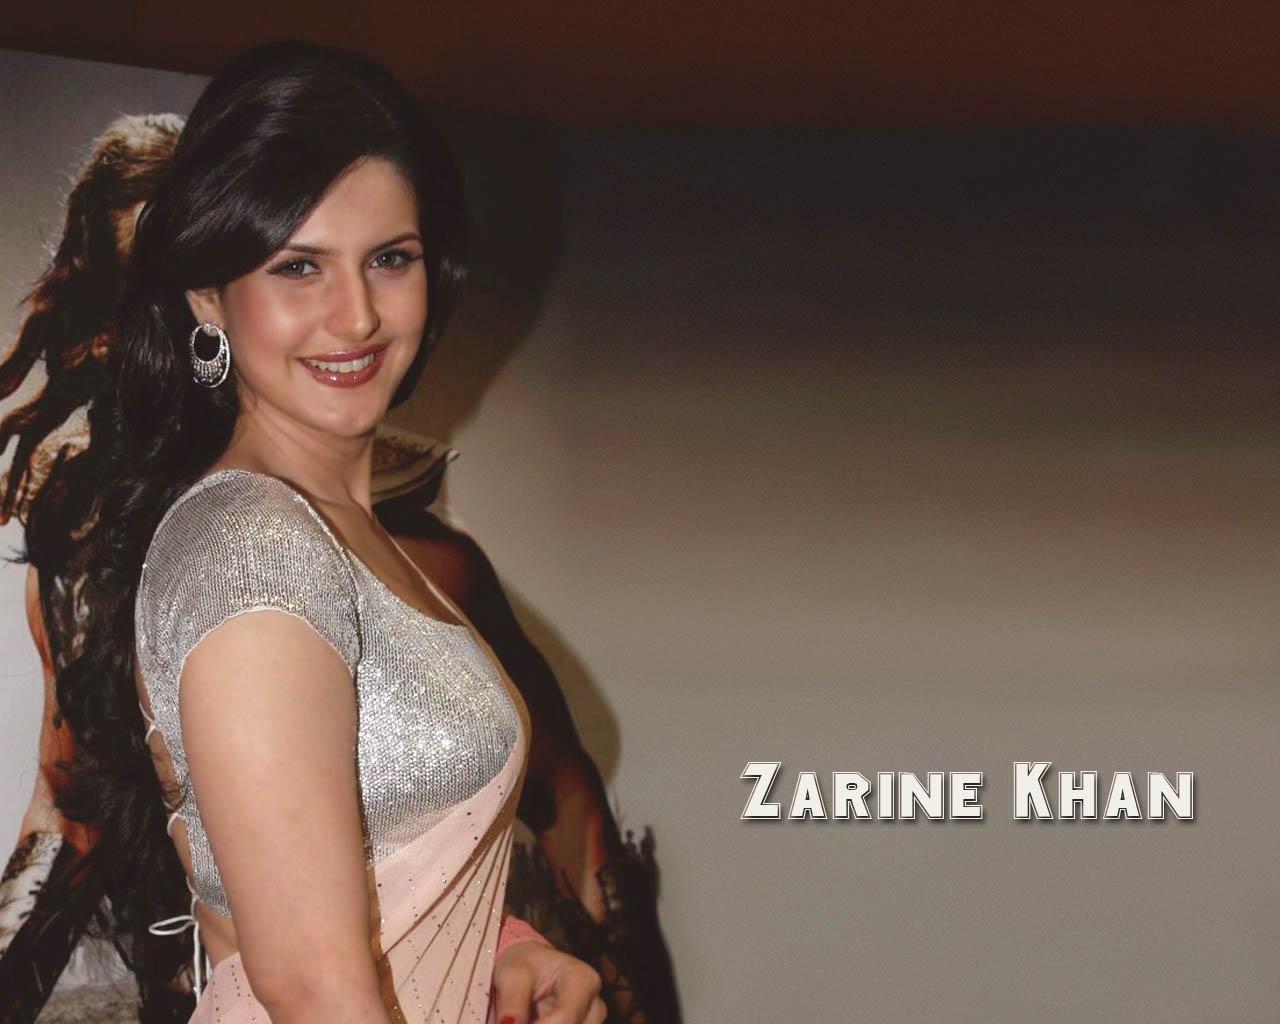 http://3.bp.blogspot.com/-5I1r3OXCoYI/TlGjM-md3jI/AAAAAAAAAE0/RhaGoTbSMaE/s1600/zarine-khan-2.jpg